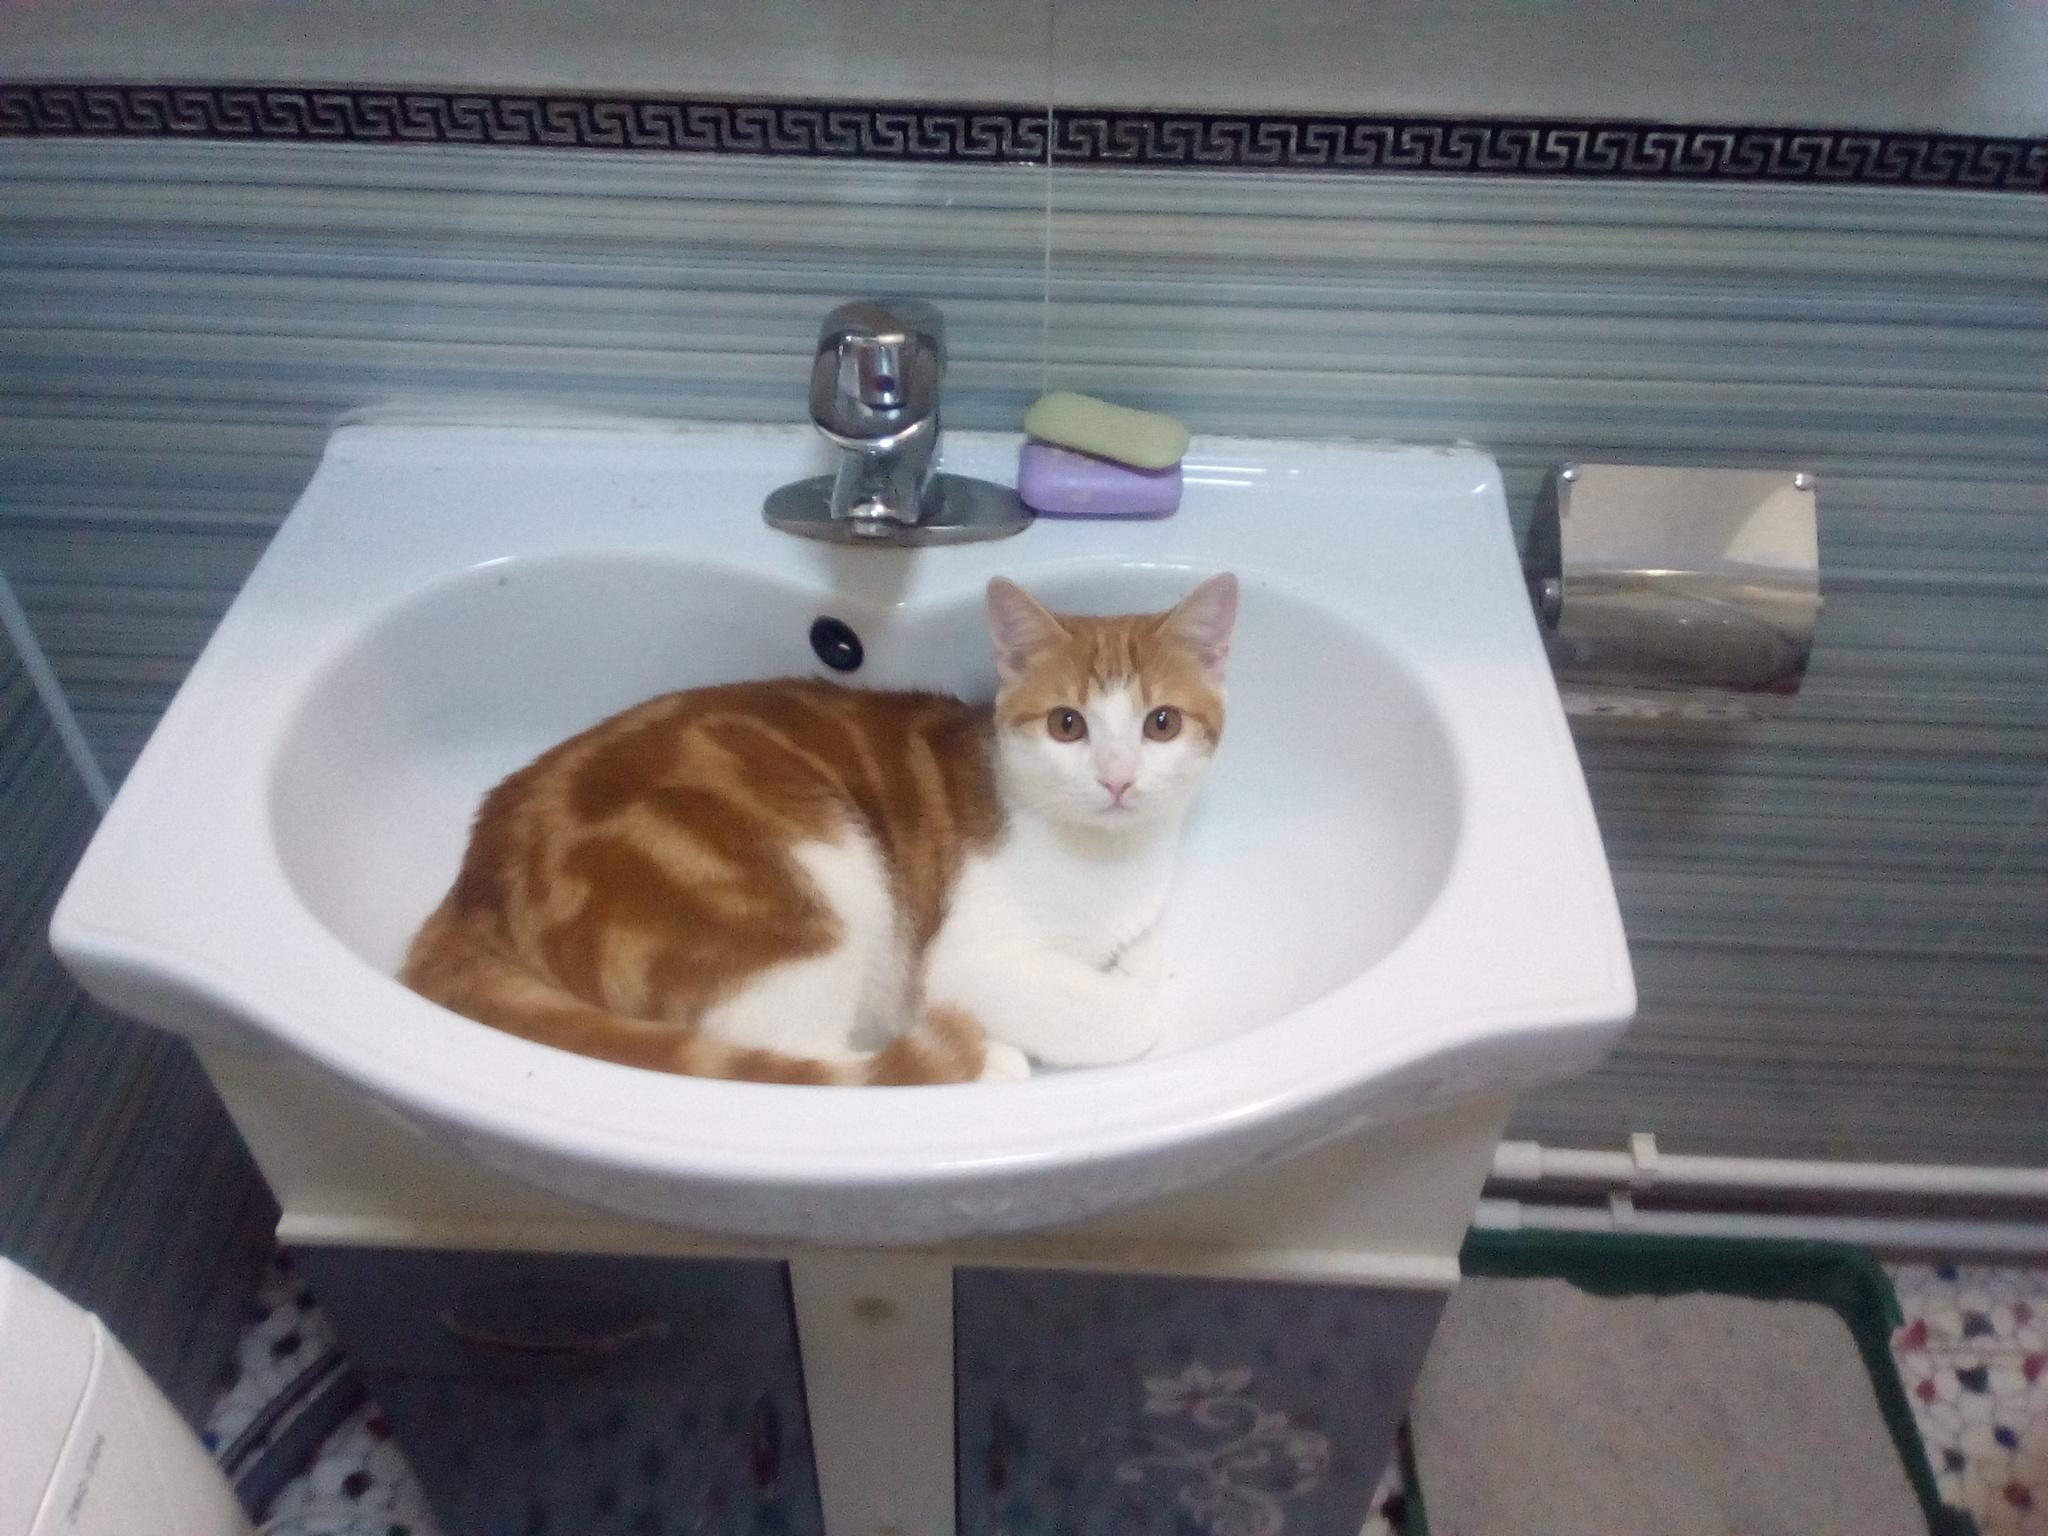 у кастрированного кота выделения ростов на дону